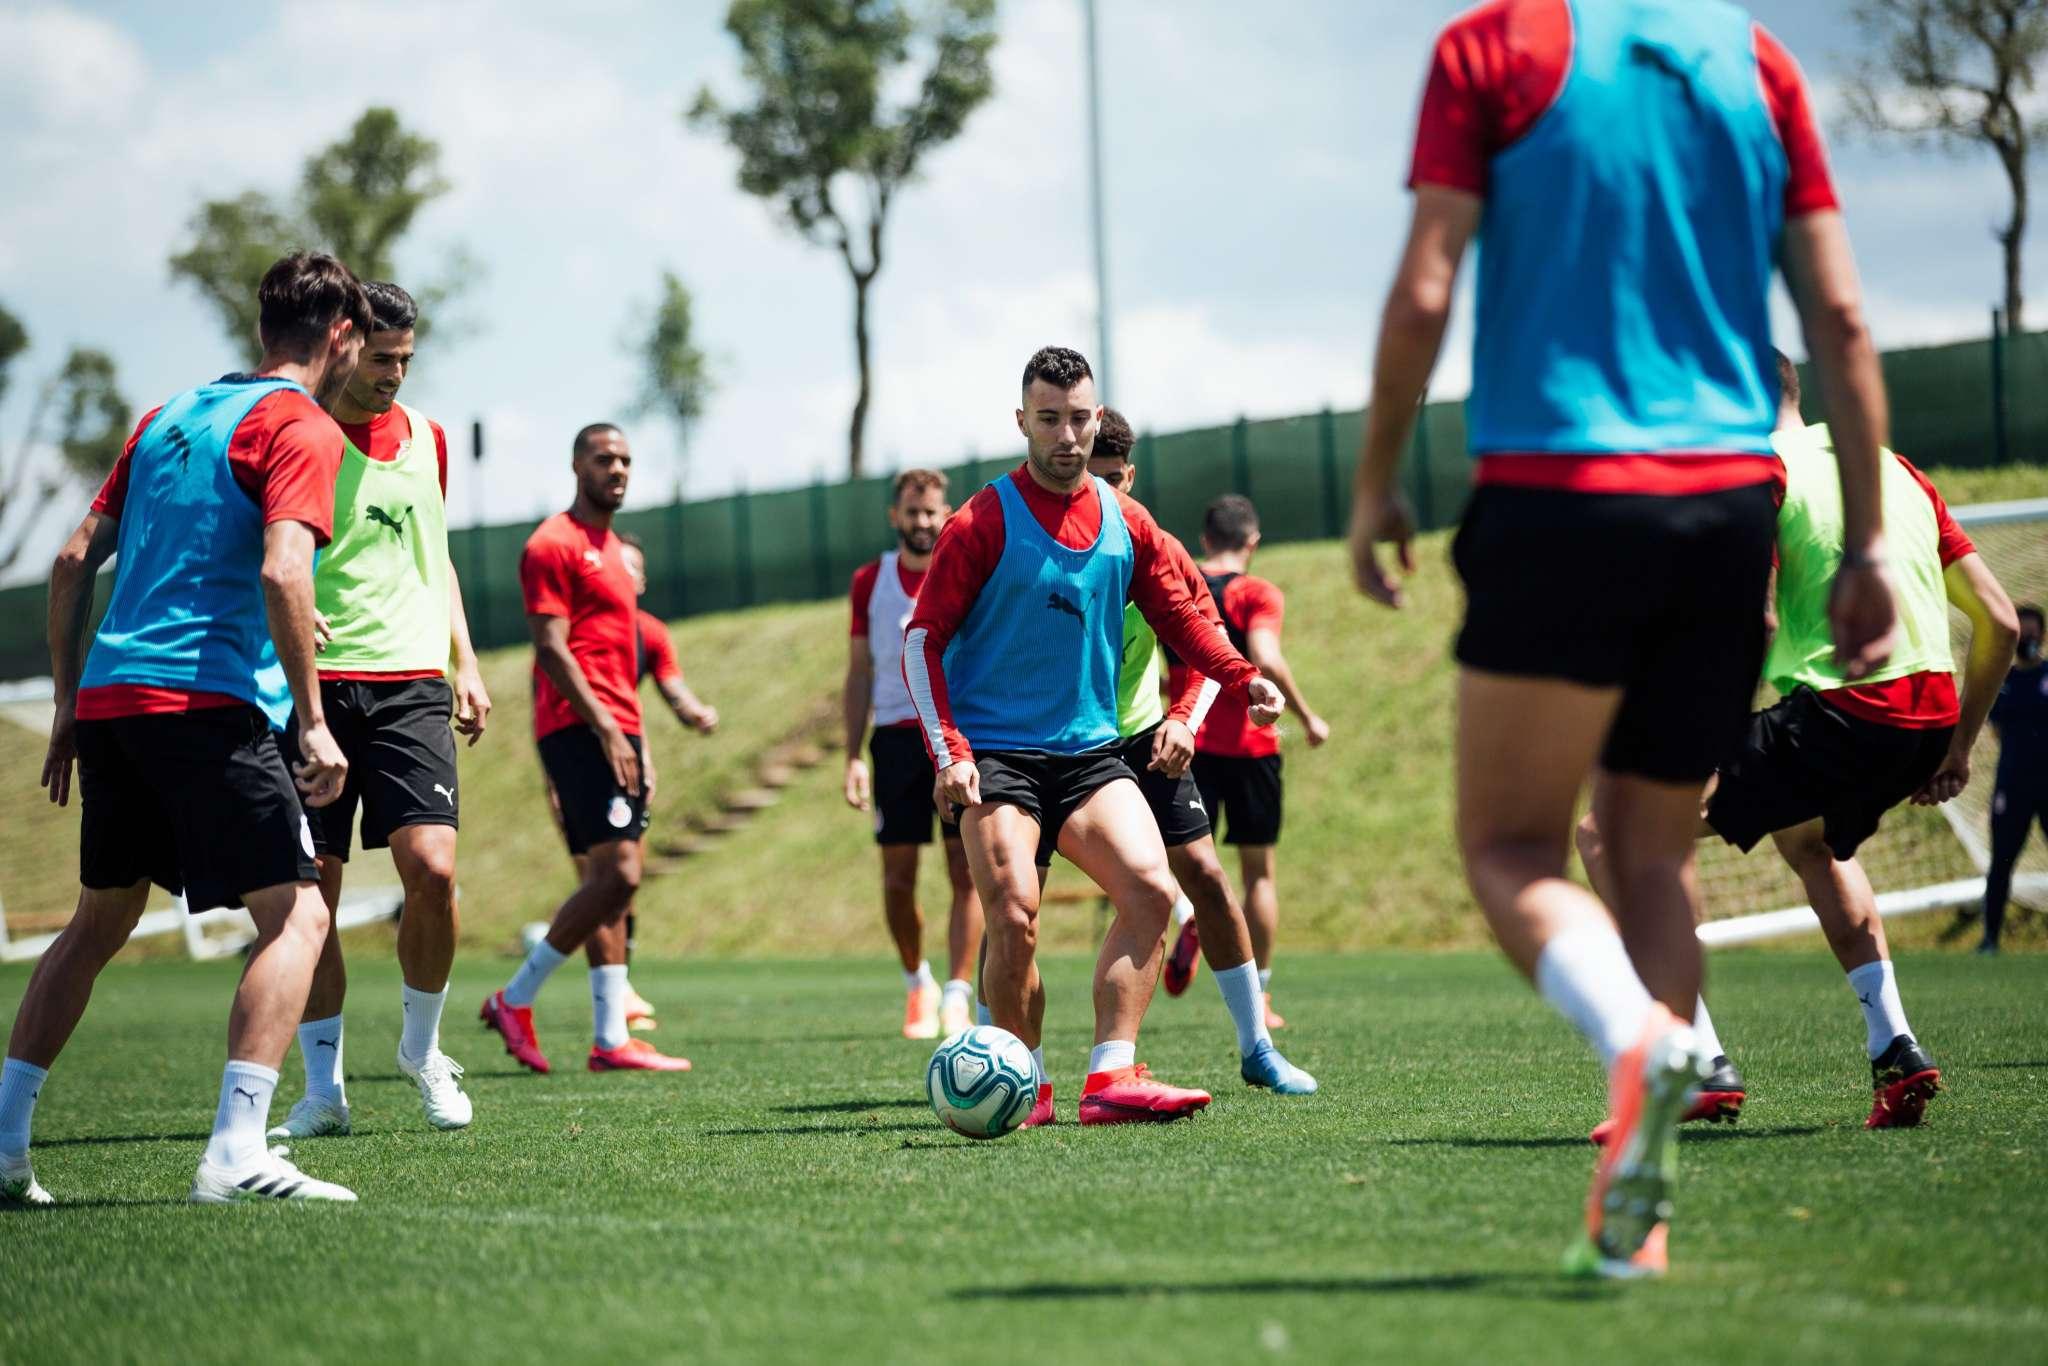 Darrer entrenament del Girona FC a La Vinya abans de vitajar a Las Palmas. FOTO: Girona FC